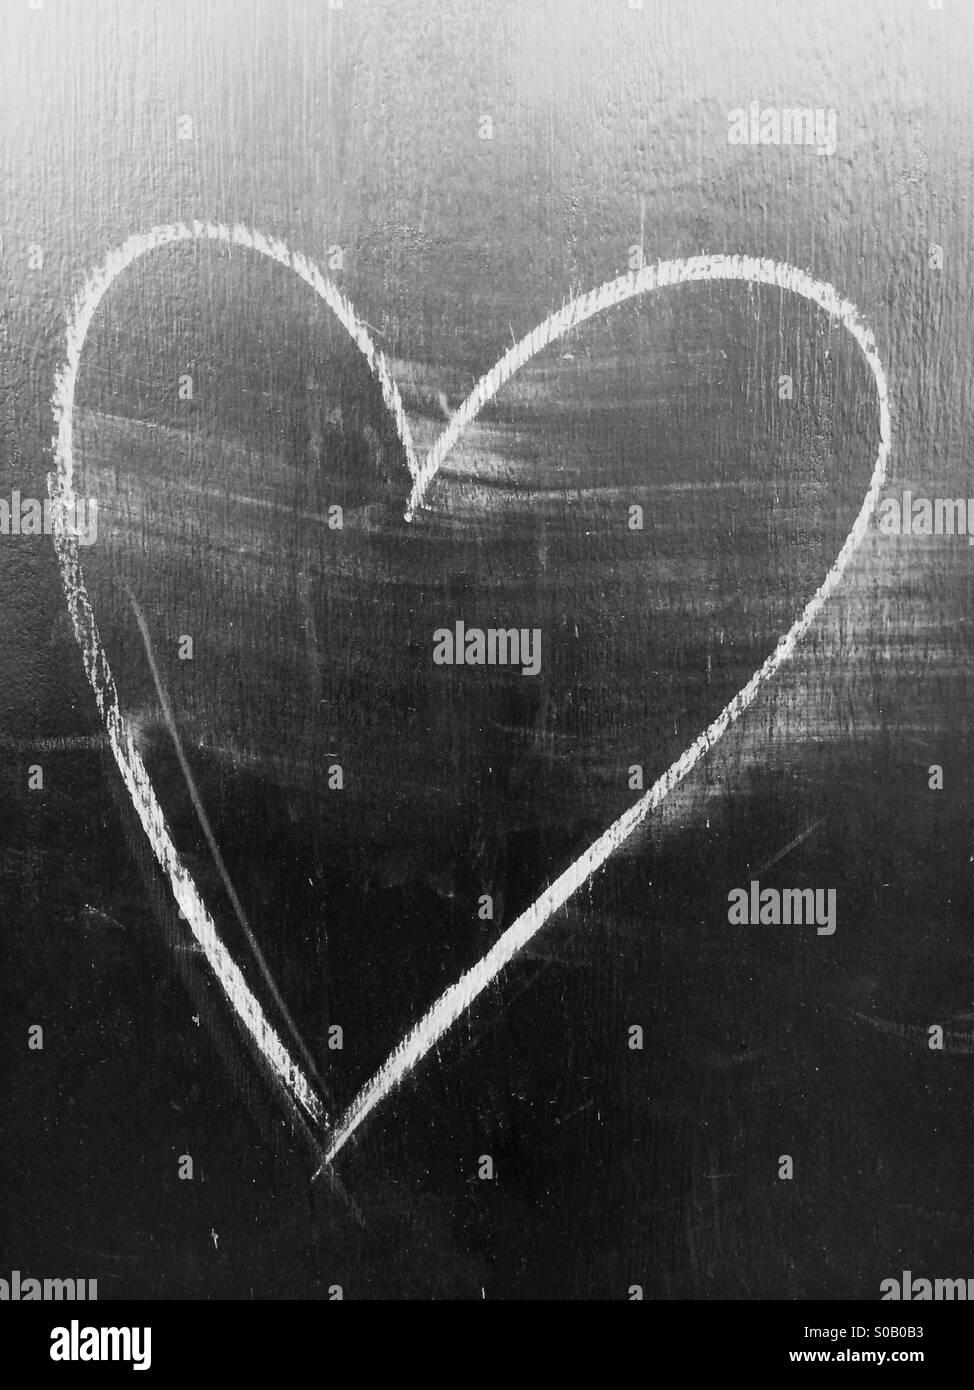 Herz Form Graffiti in New York mit Kreide gezogen und leicht verschwommen. Stockbild